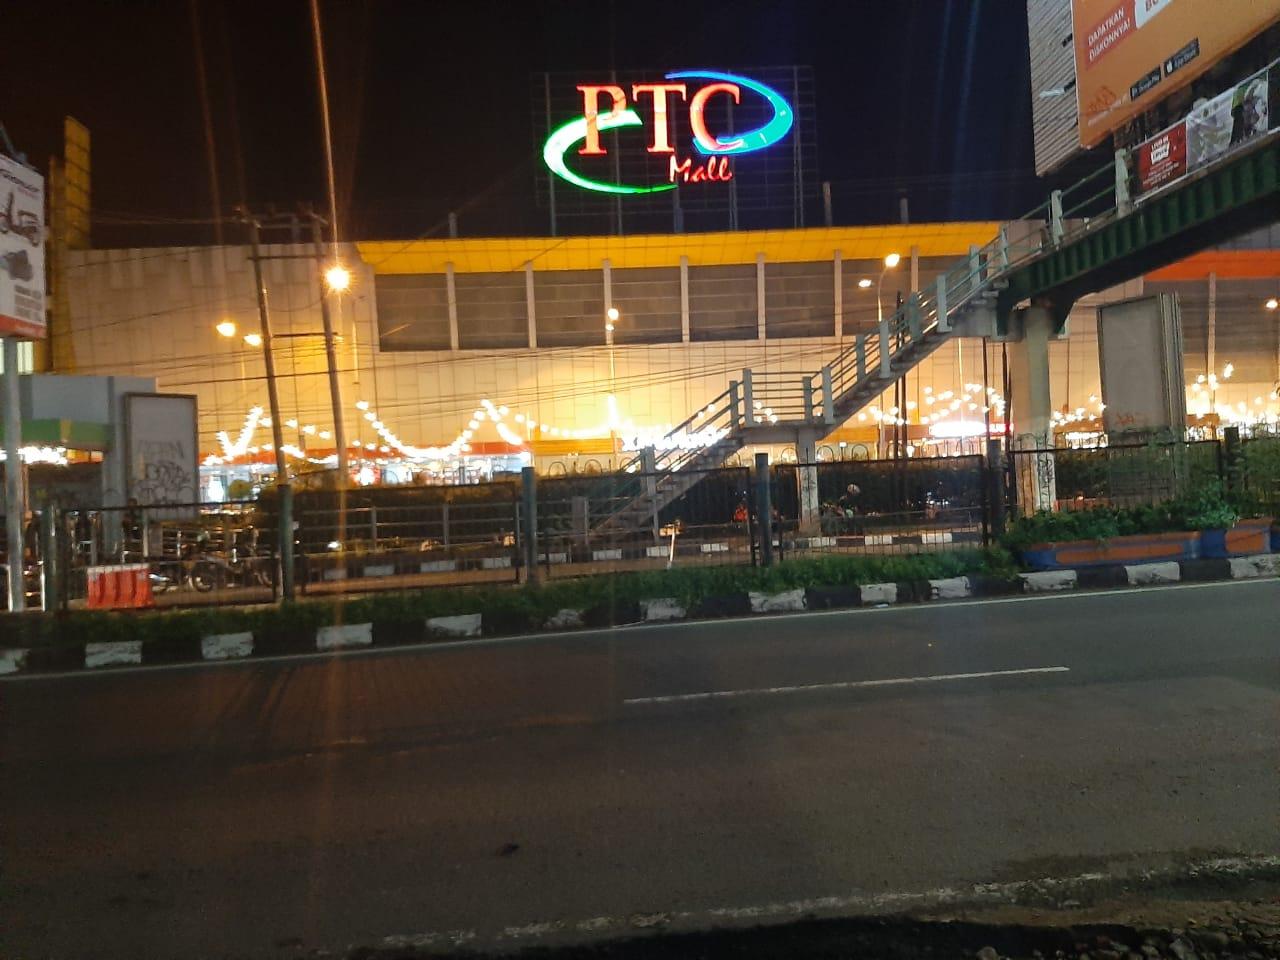 Hotel dekat PTC Mall